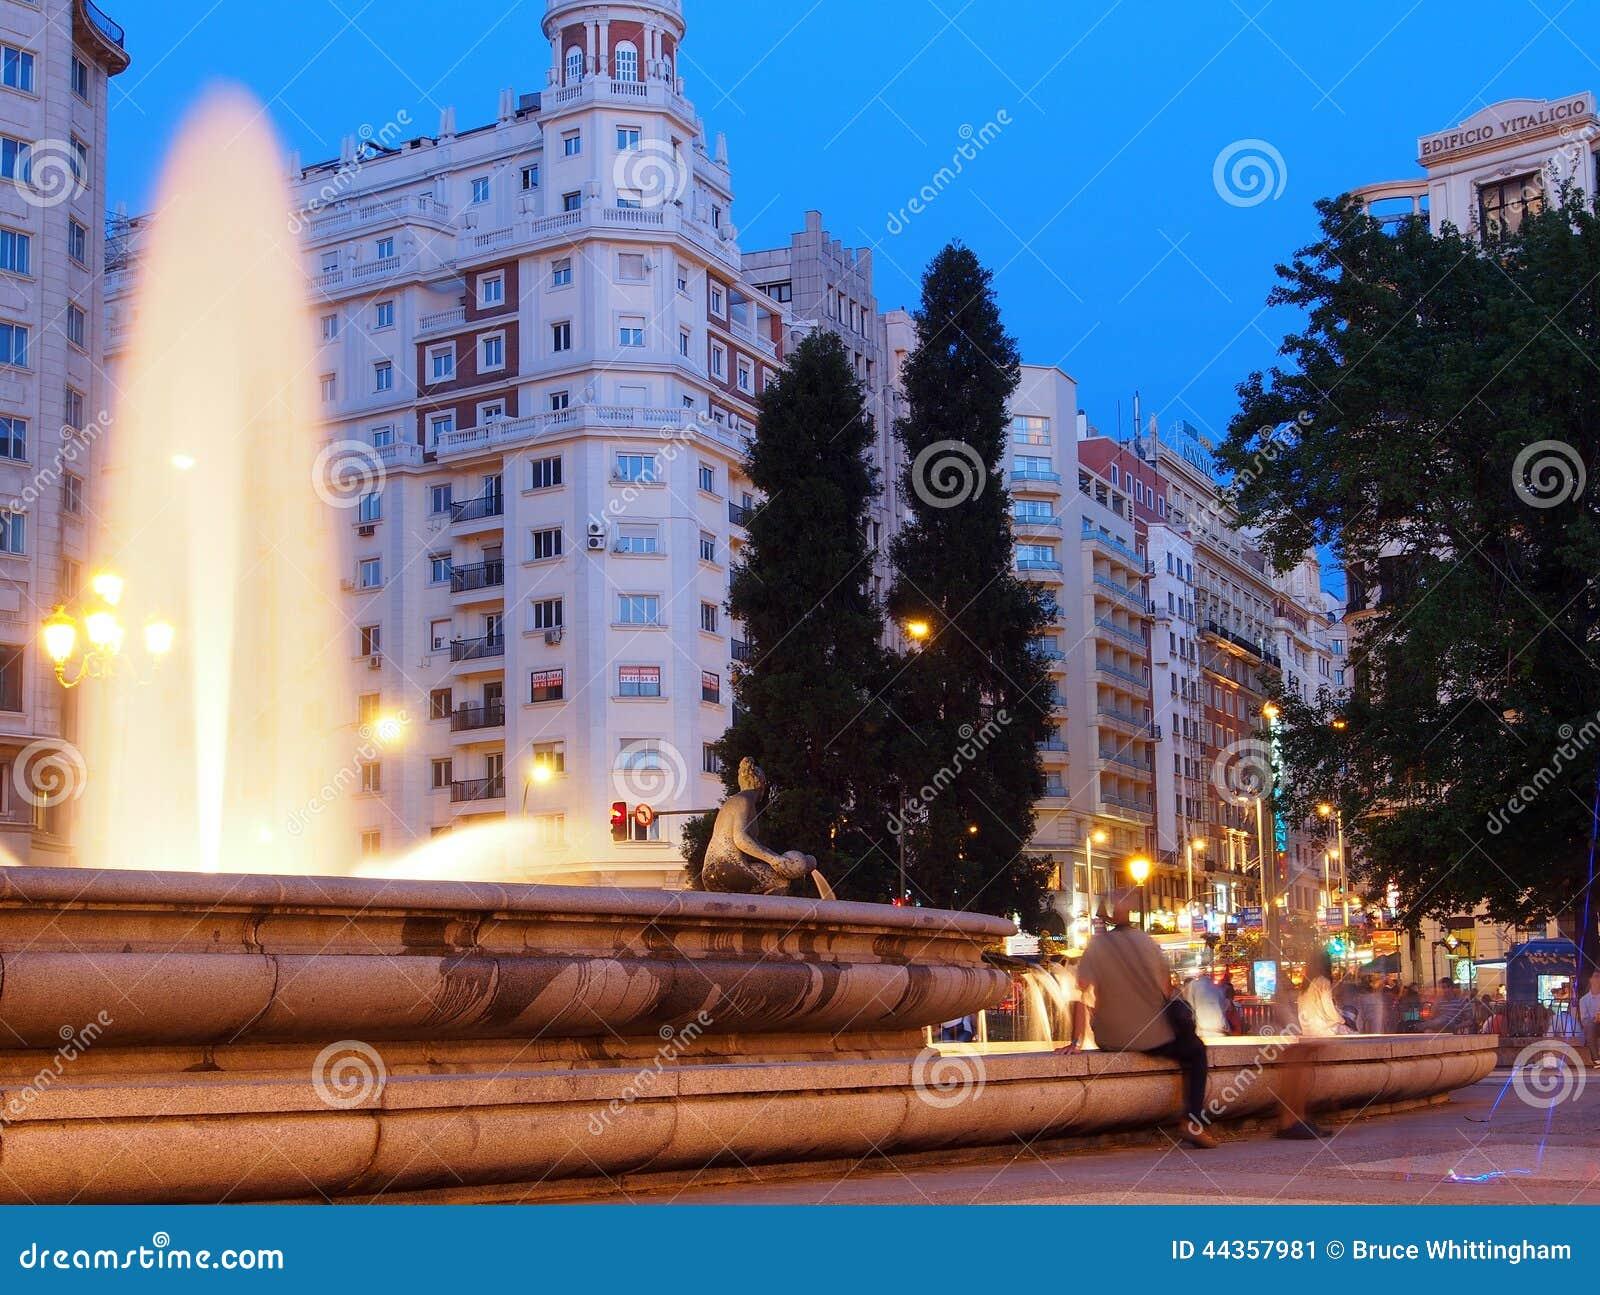 Plaza de Espana, Madrid